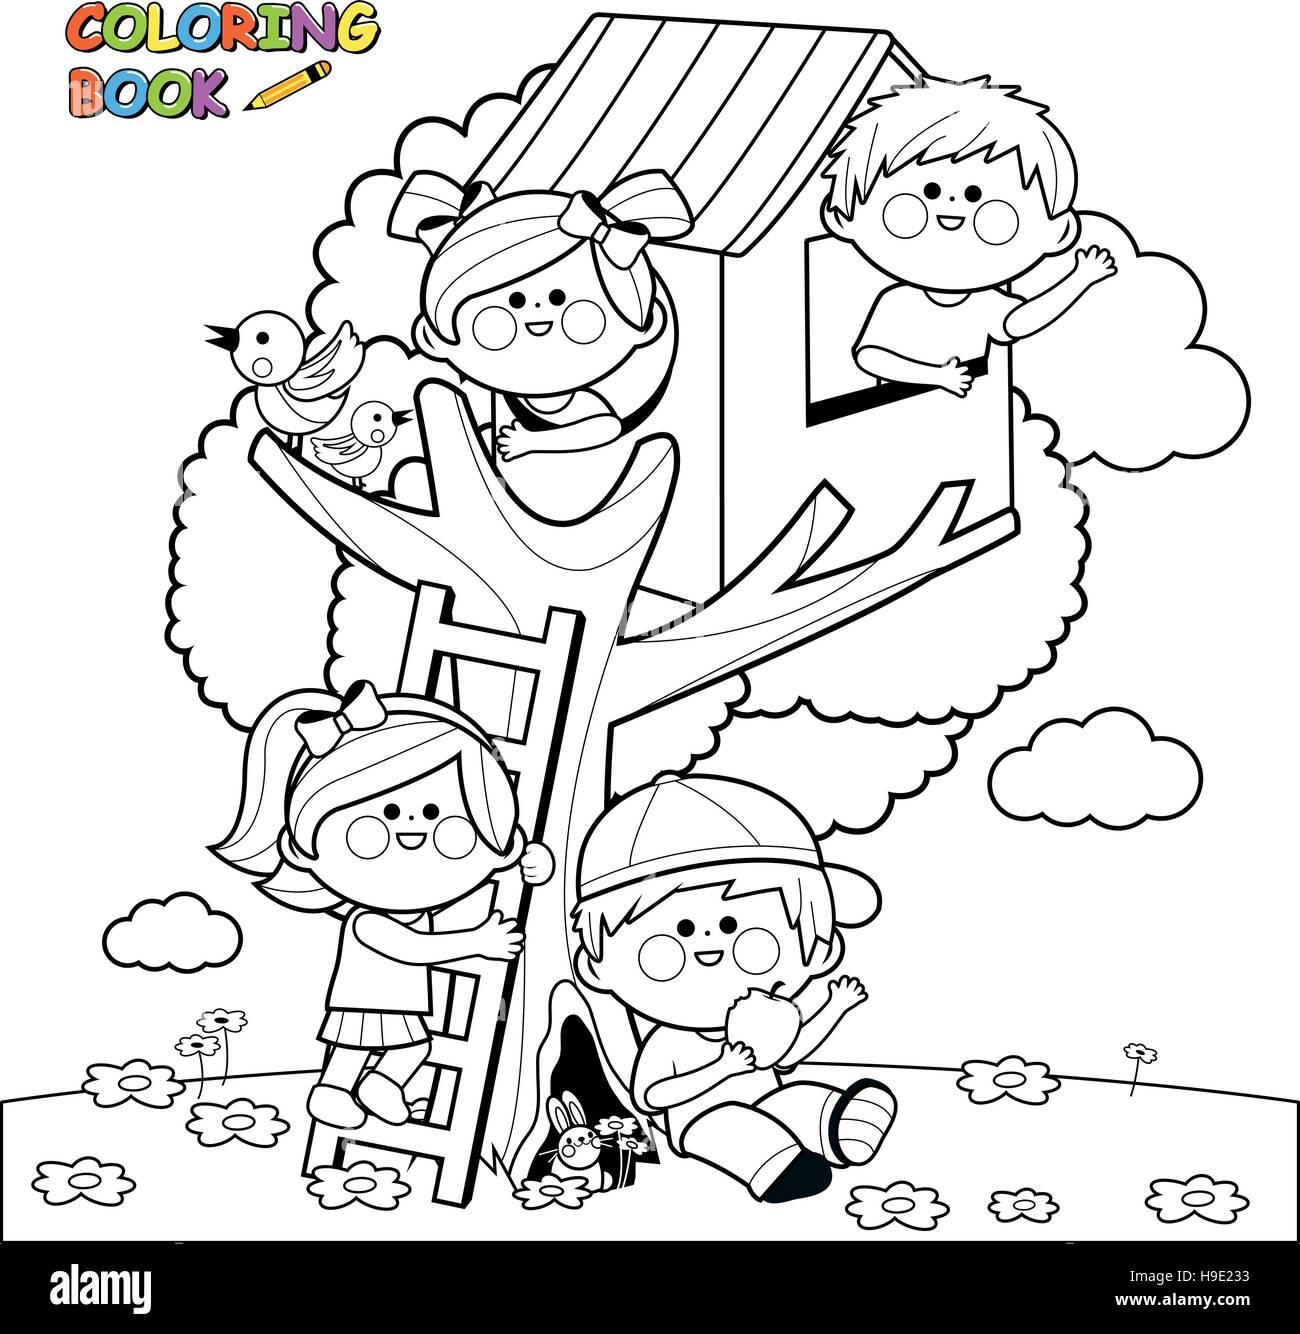 Ausmalbilder Playmobil Baumhaus : Gro Z Gig Baumhaus Malvorlagen Bilder Druckbare Malvorlagen